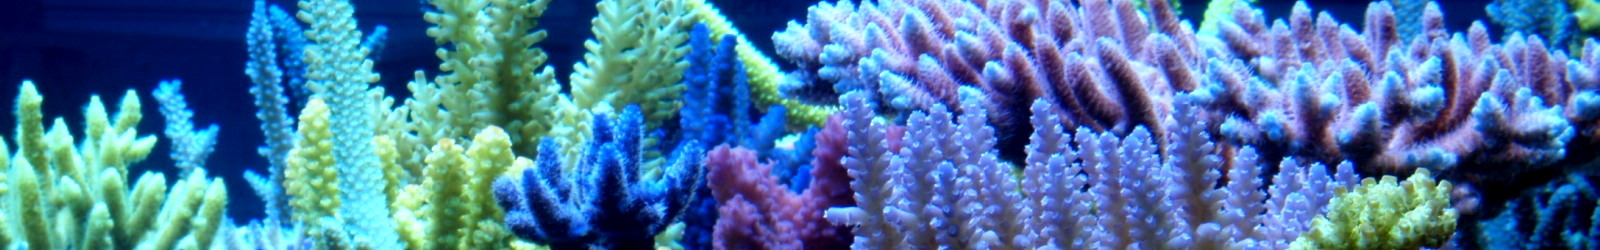 Aquarium Lampen